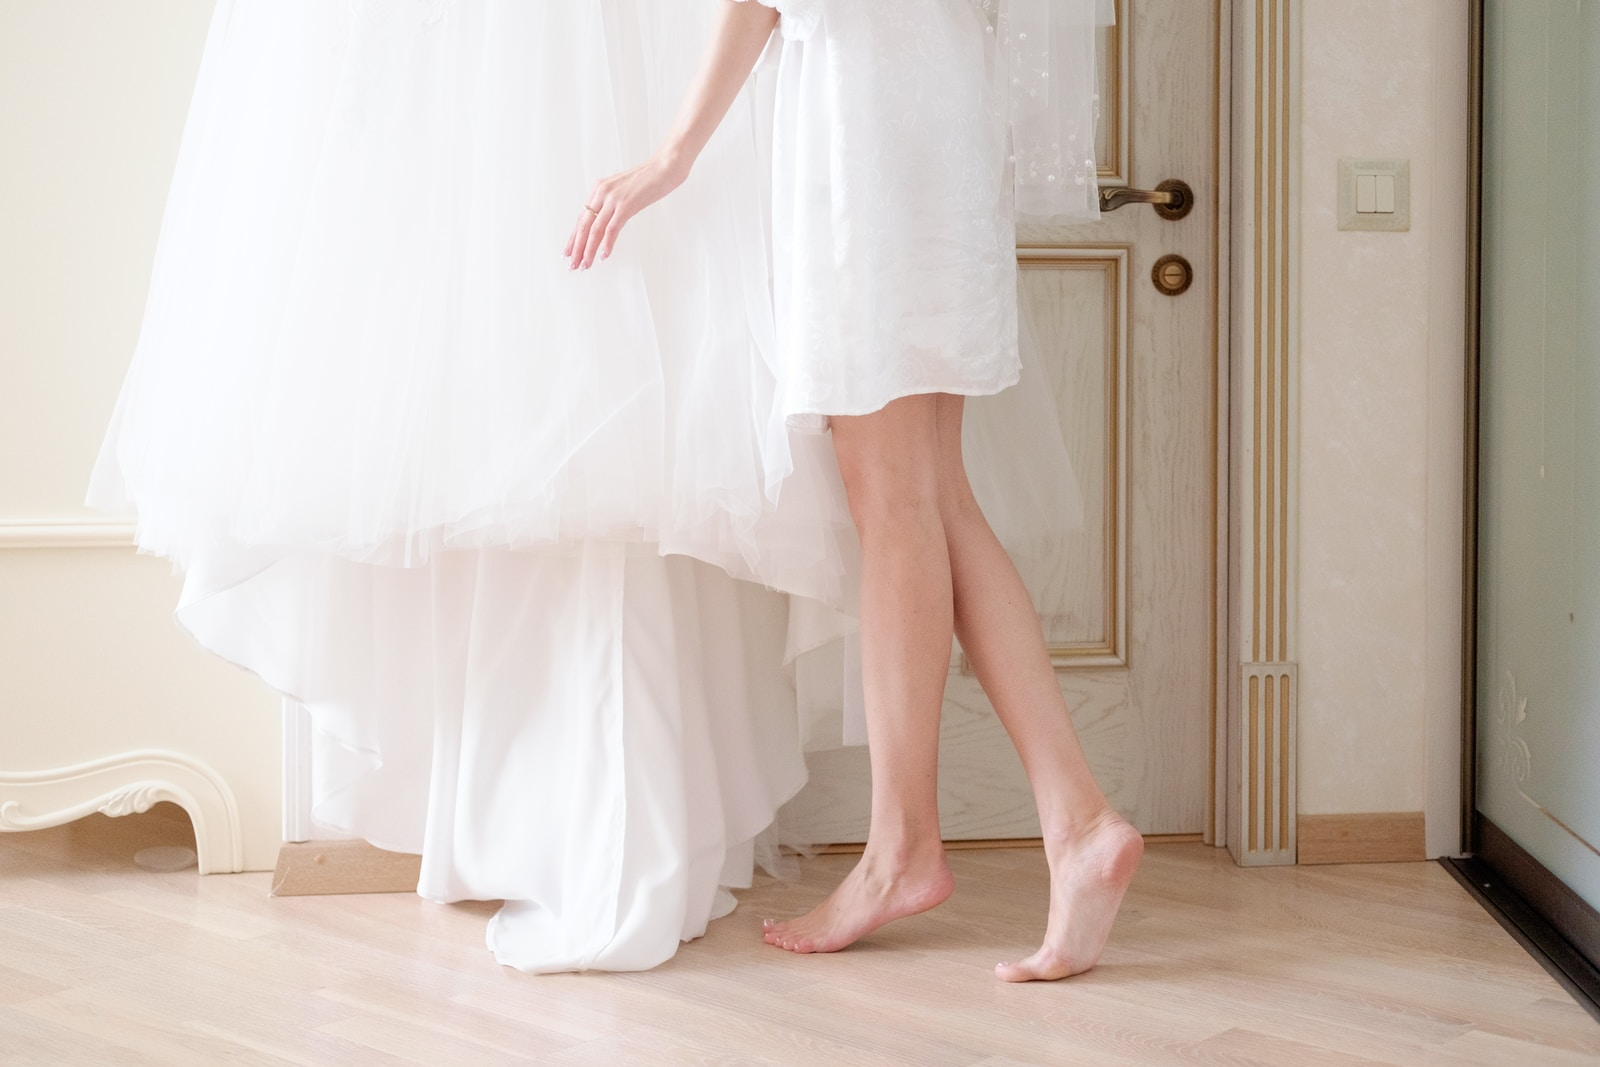 Αγορά νυφικού από το διαδίκτυο barefoot woman wearing white shirt standing near white dress